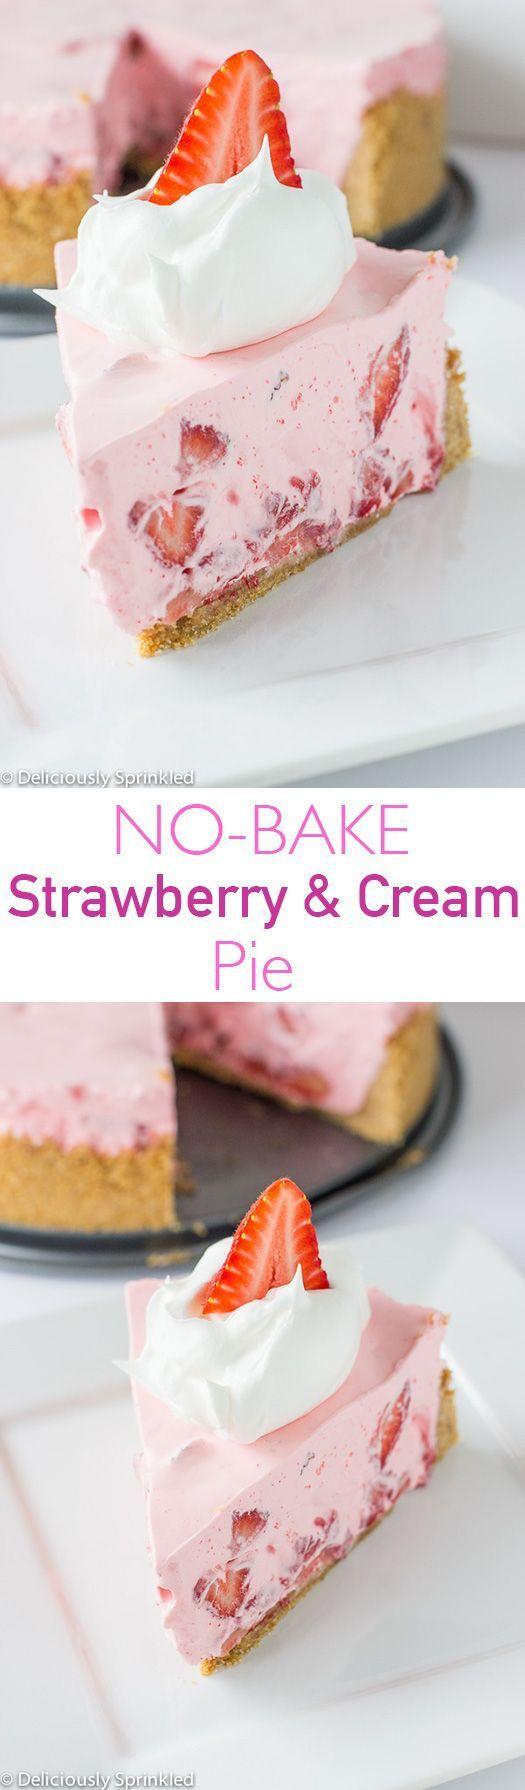 No-Bake Strawberry & Cream Pie Recipe plus 24 more of the most pinned no-bake dessert recipes http://deliciouslysprinkled.com/no-bake-strawberry-and-cream-pie/